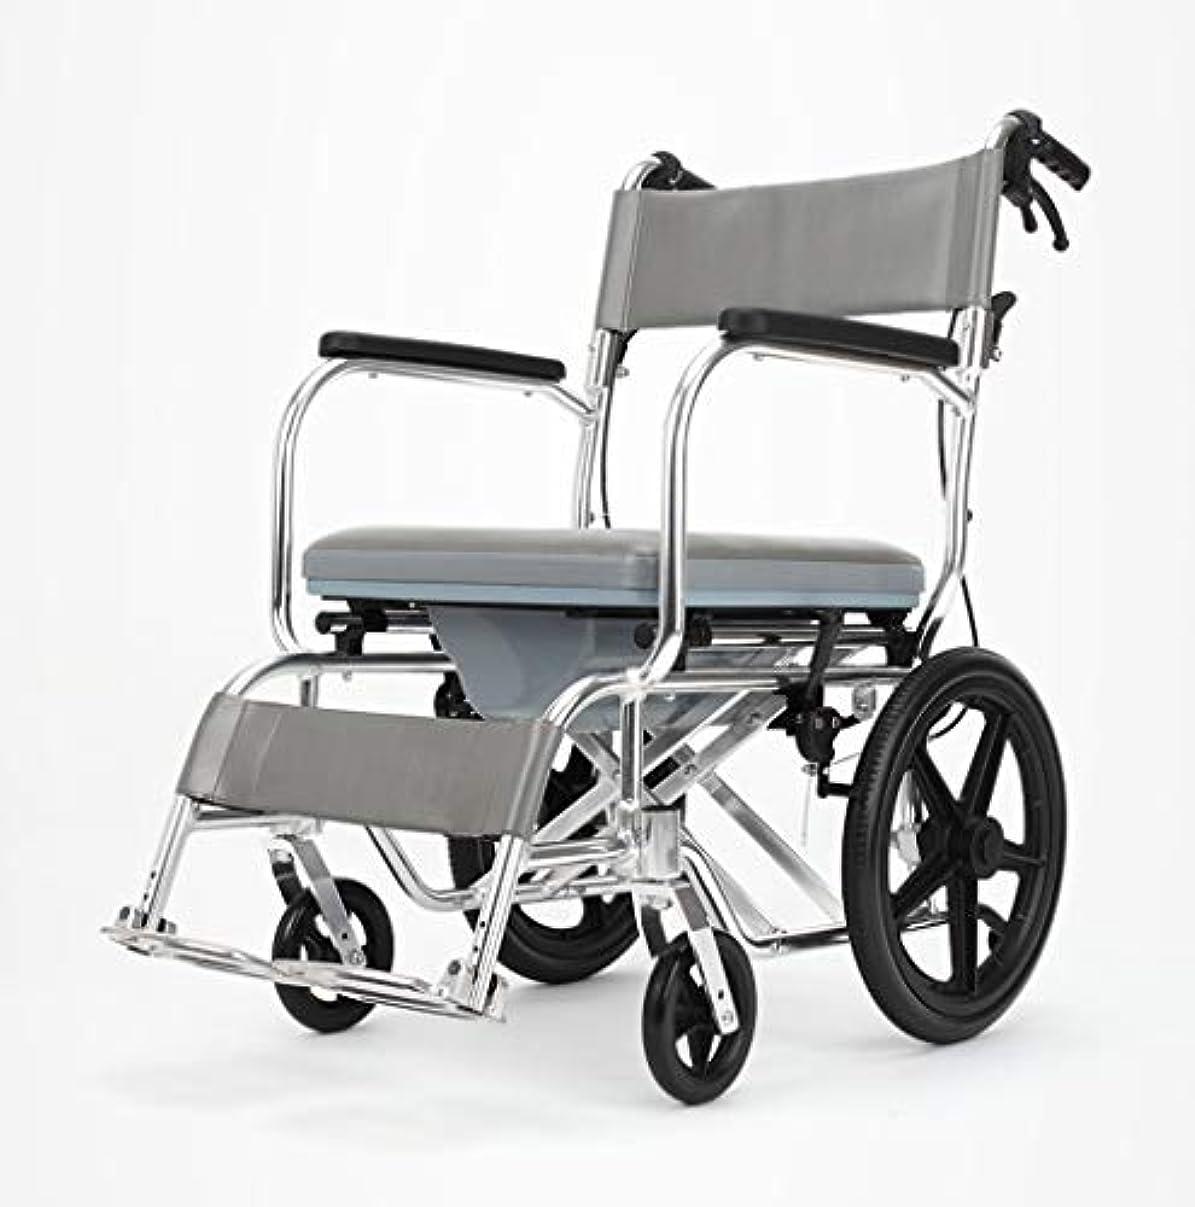 鷹艶スキーム車椅子折りたたみ式多機能安全ケア、ブレーキ、ポータブルトロリー、身体障害者用屋外車椅子